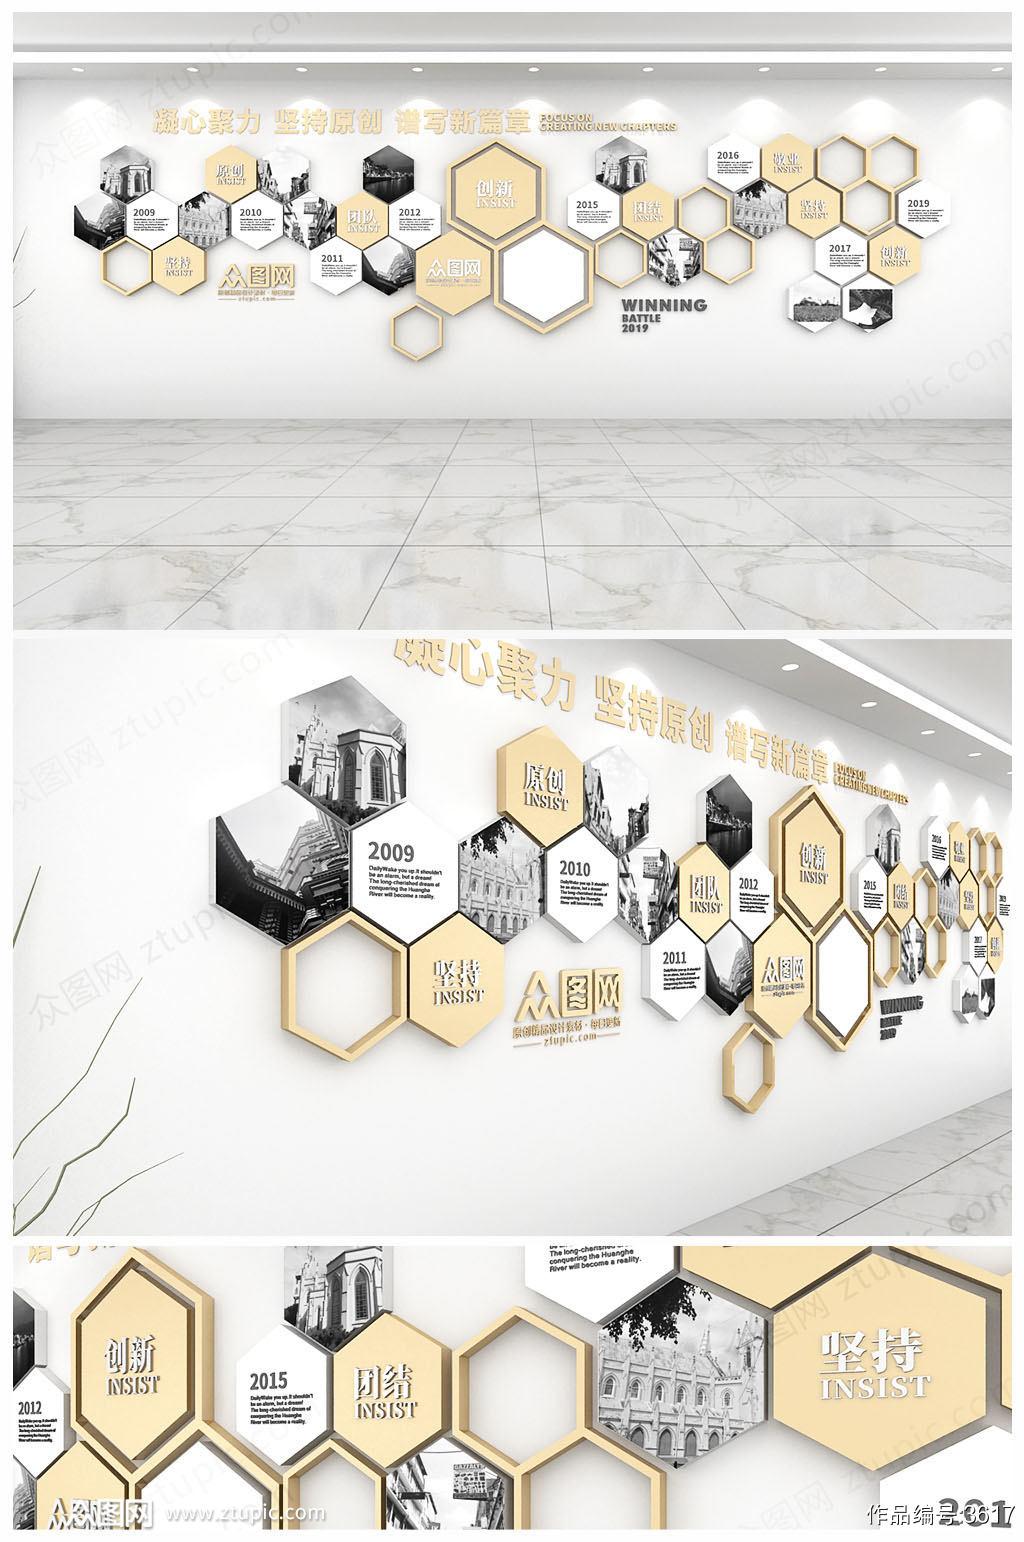 简约创意员工风采大型企业文化墙框架设计效果图素材